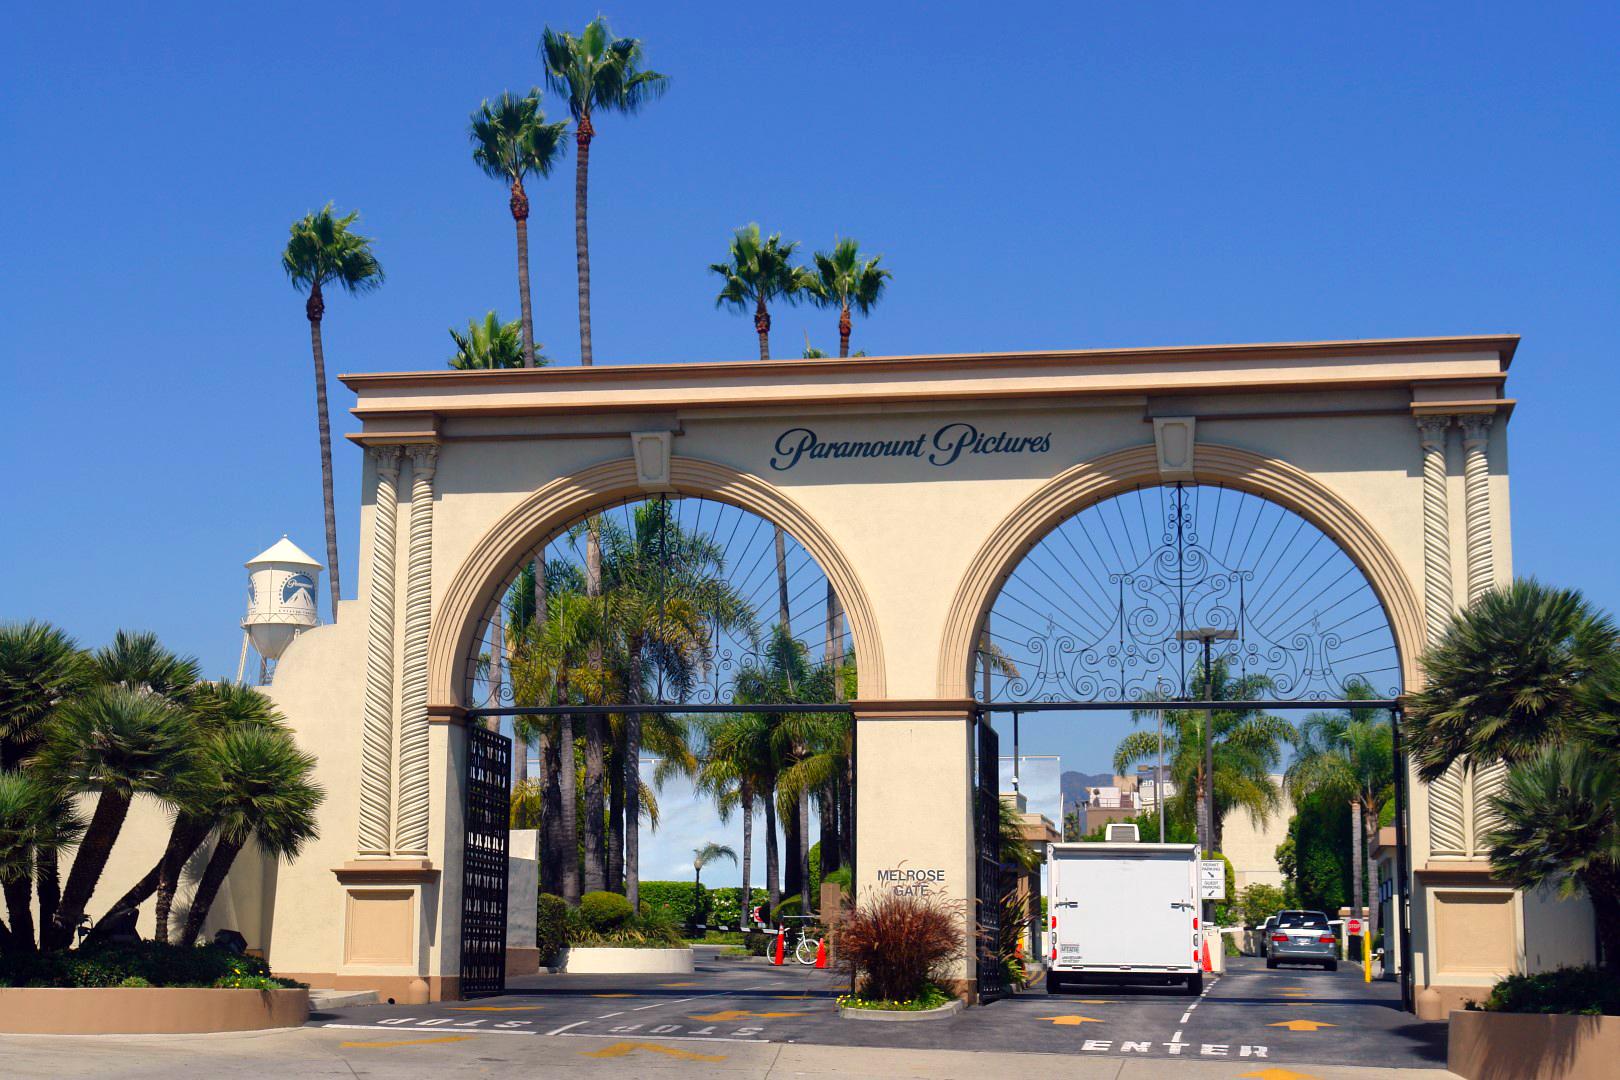 Qué hacer y ver en Los Ángeles los angeles - 31975895993 354197b615 o - Qué hacer y ver en Los Angeles